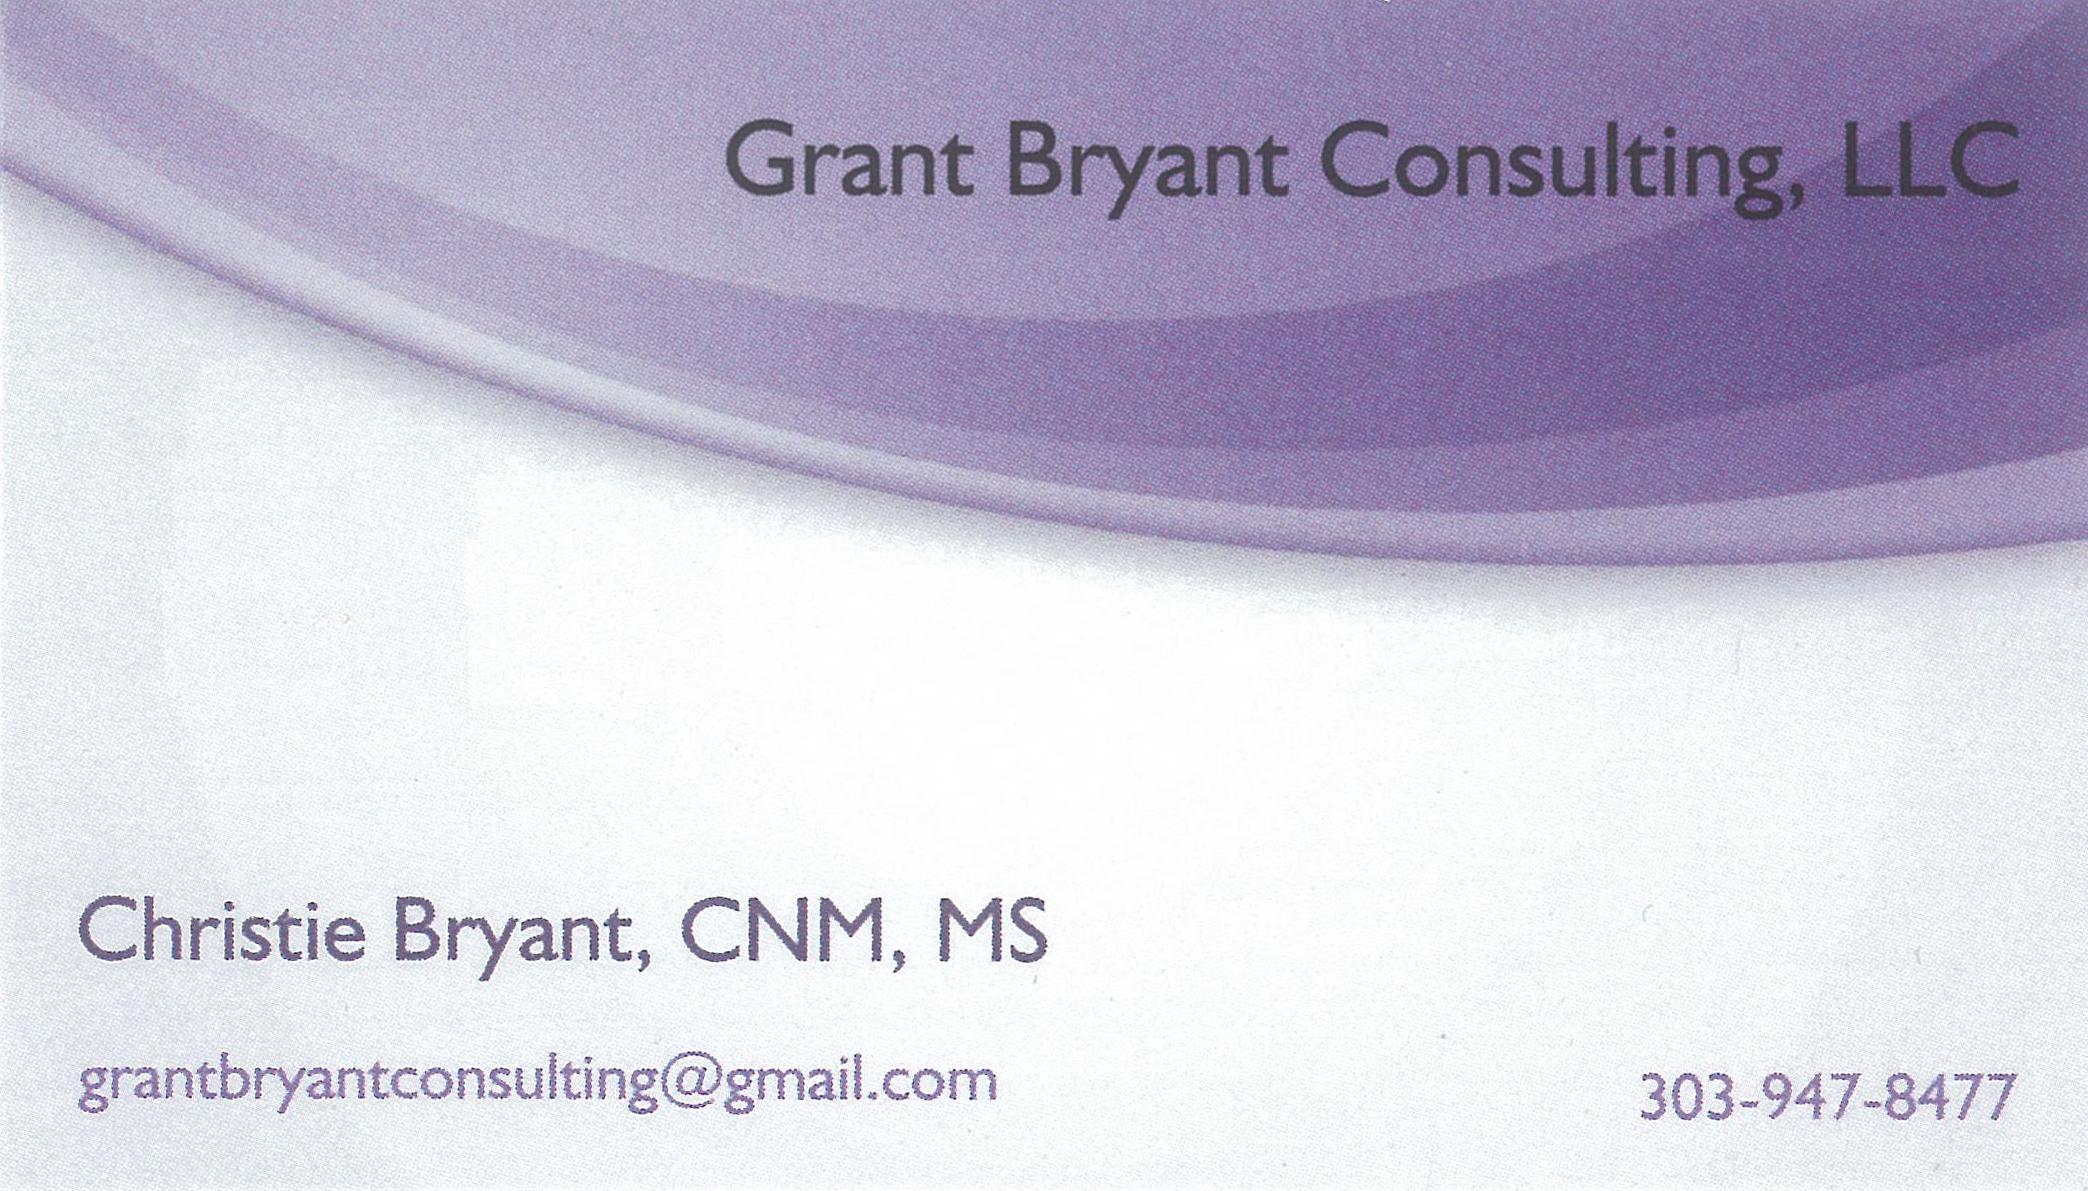 Grant Bryant Consulting, LLC